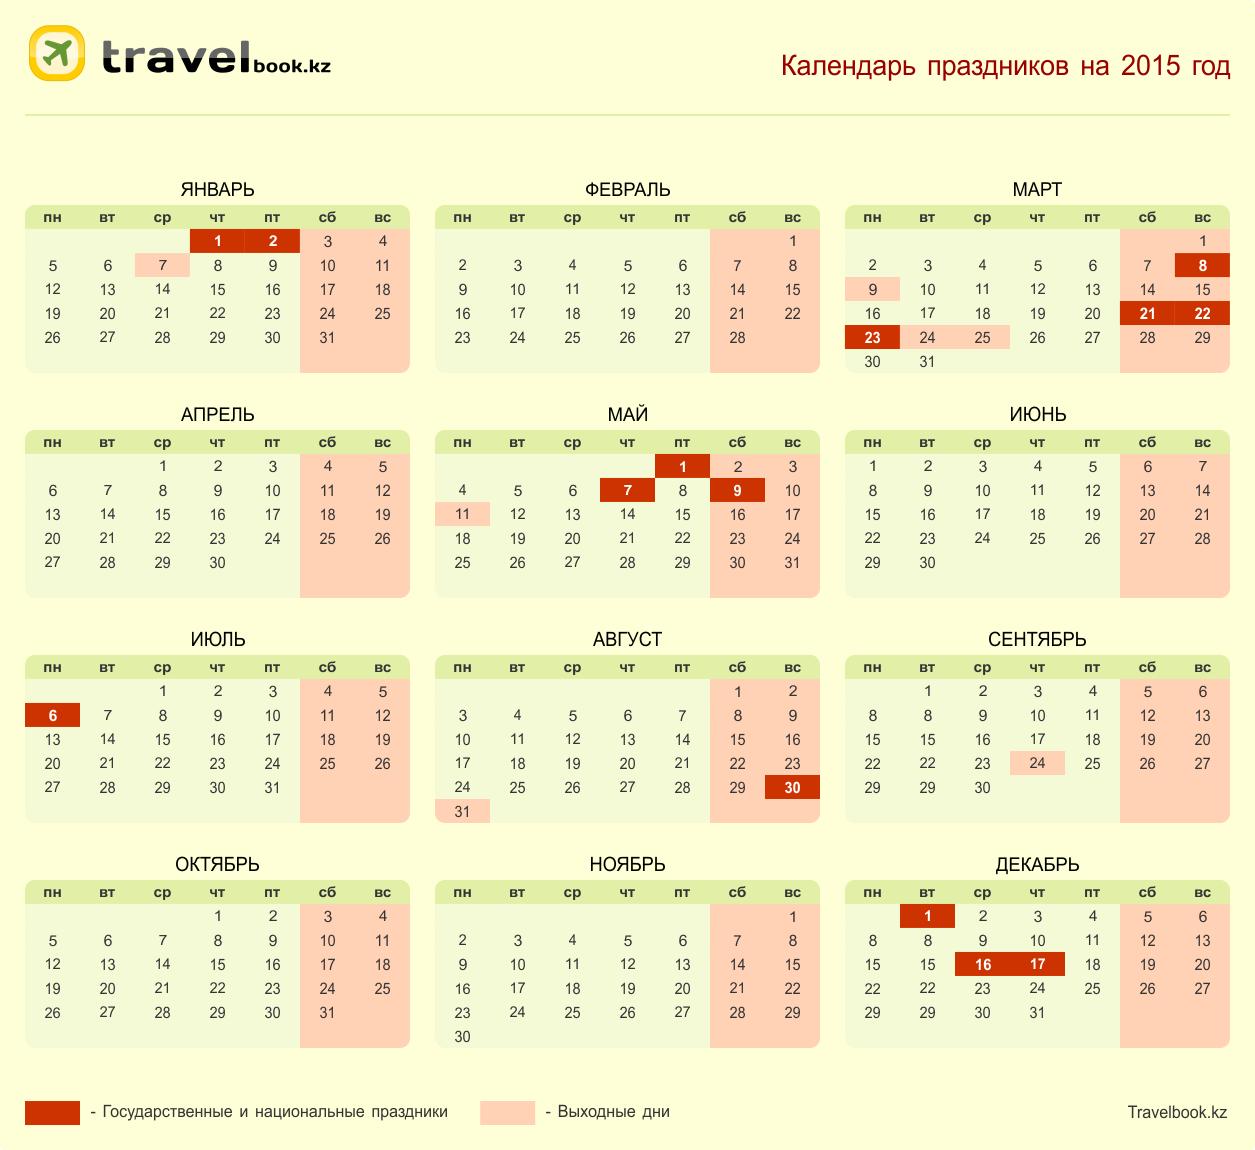 И выходные дни в казахстане в 2015 году